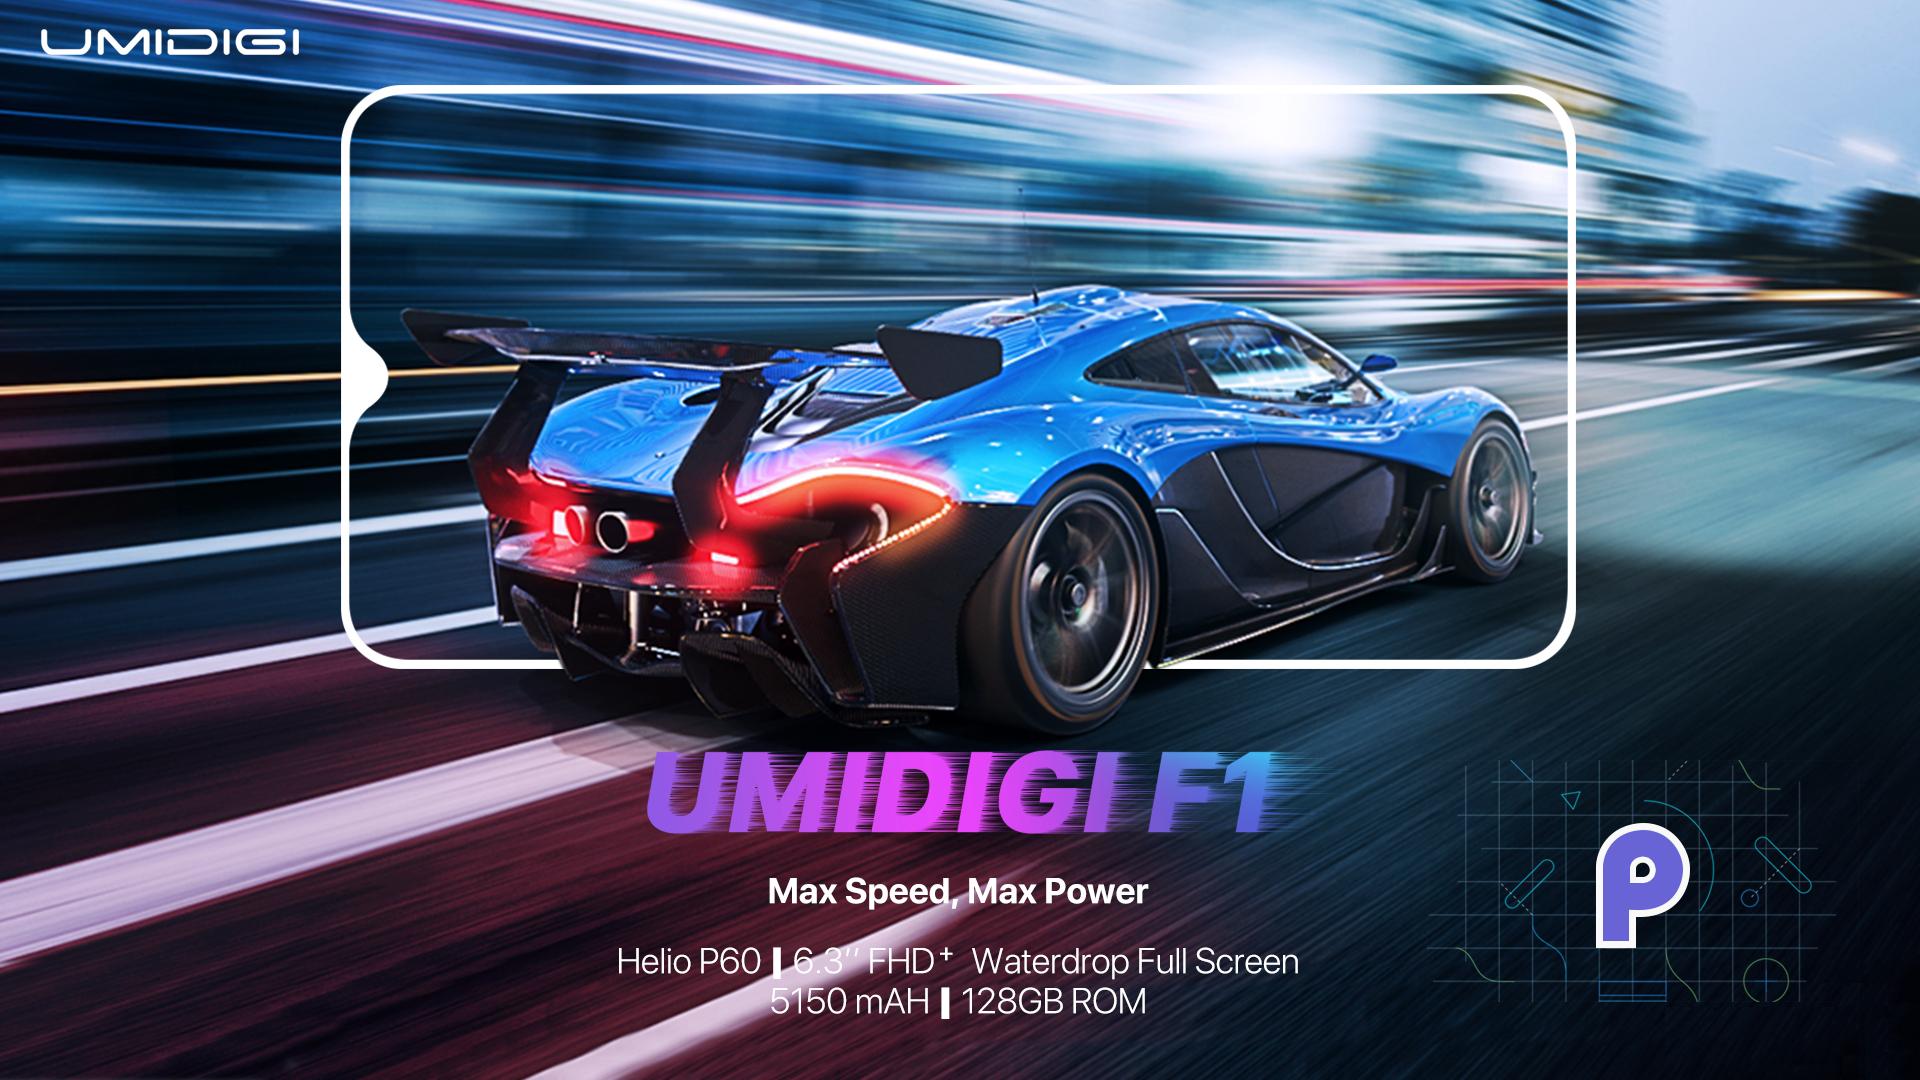 UMIDIGI F1 pierwszym smartfonem tego producenta z Android 9.0 Pie